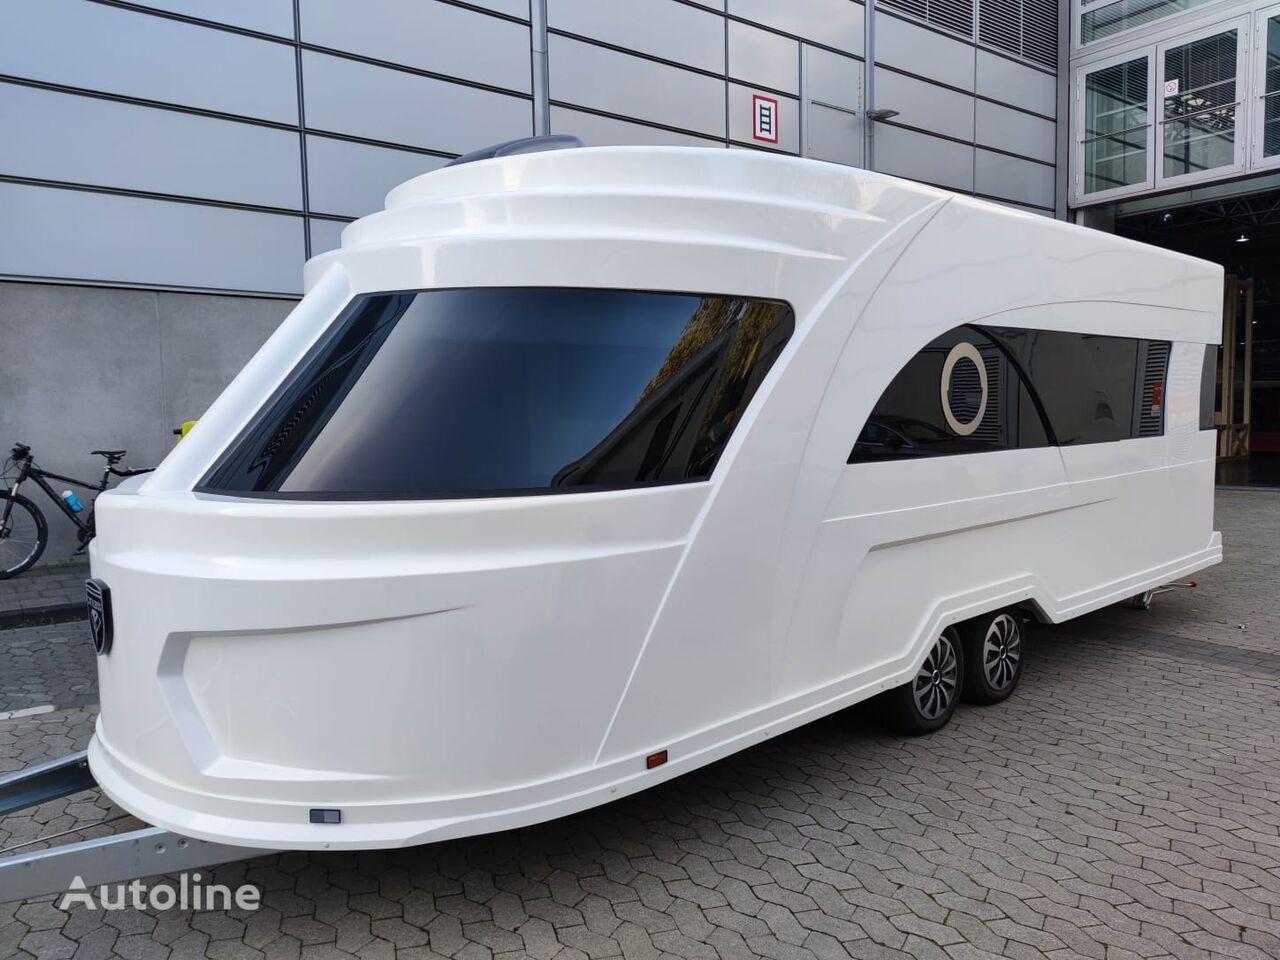 uudet Derubis DERUBIS Series 7 / Monocoque / Wohnwagen wie eine Yacht asuntovaunu